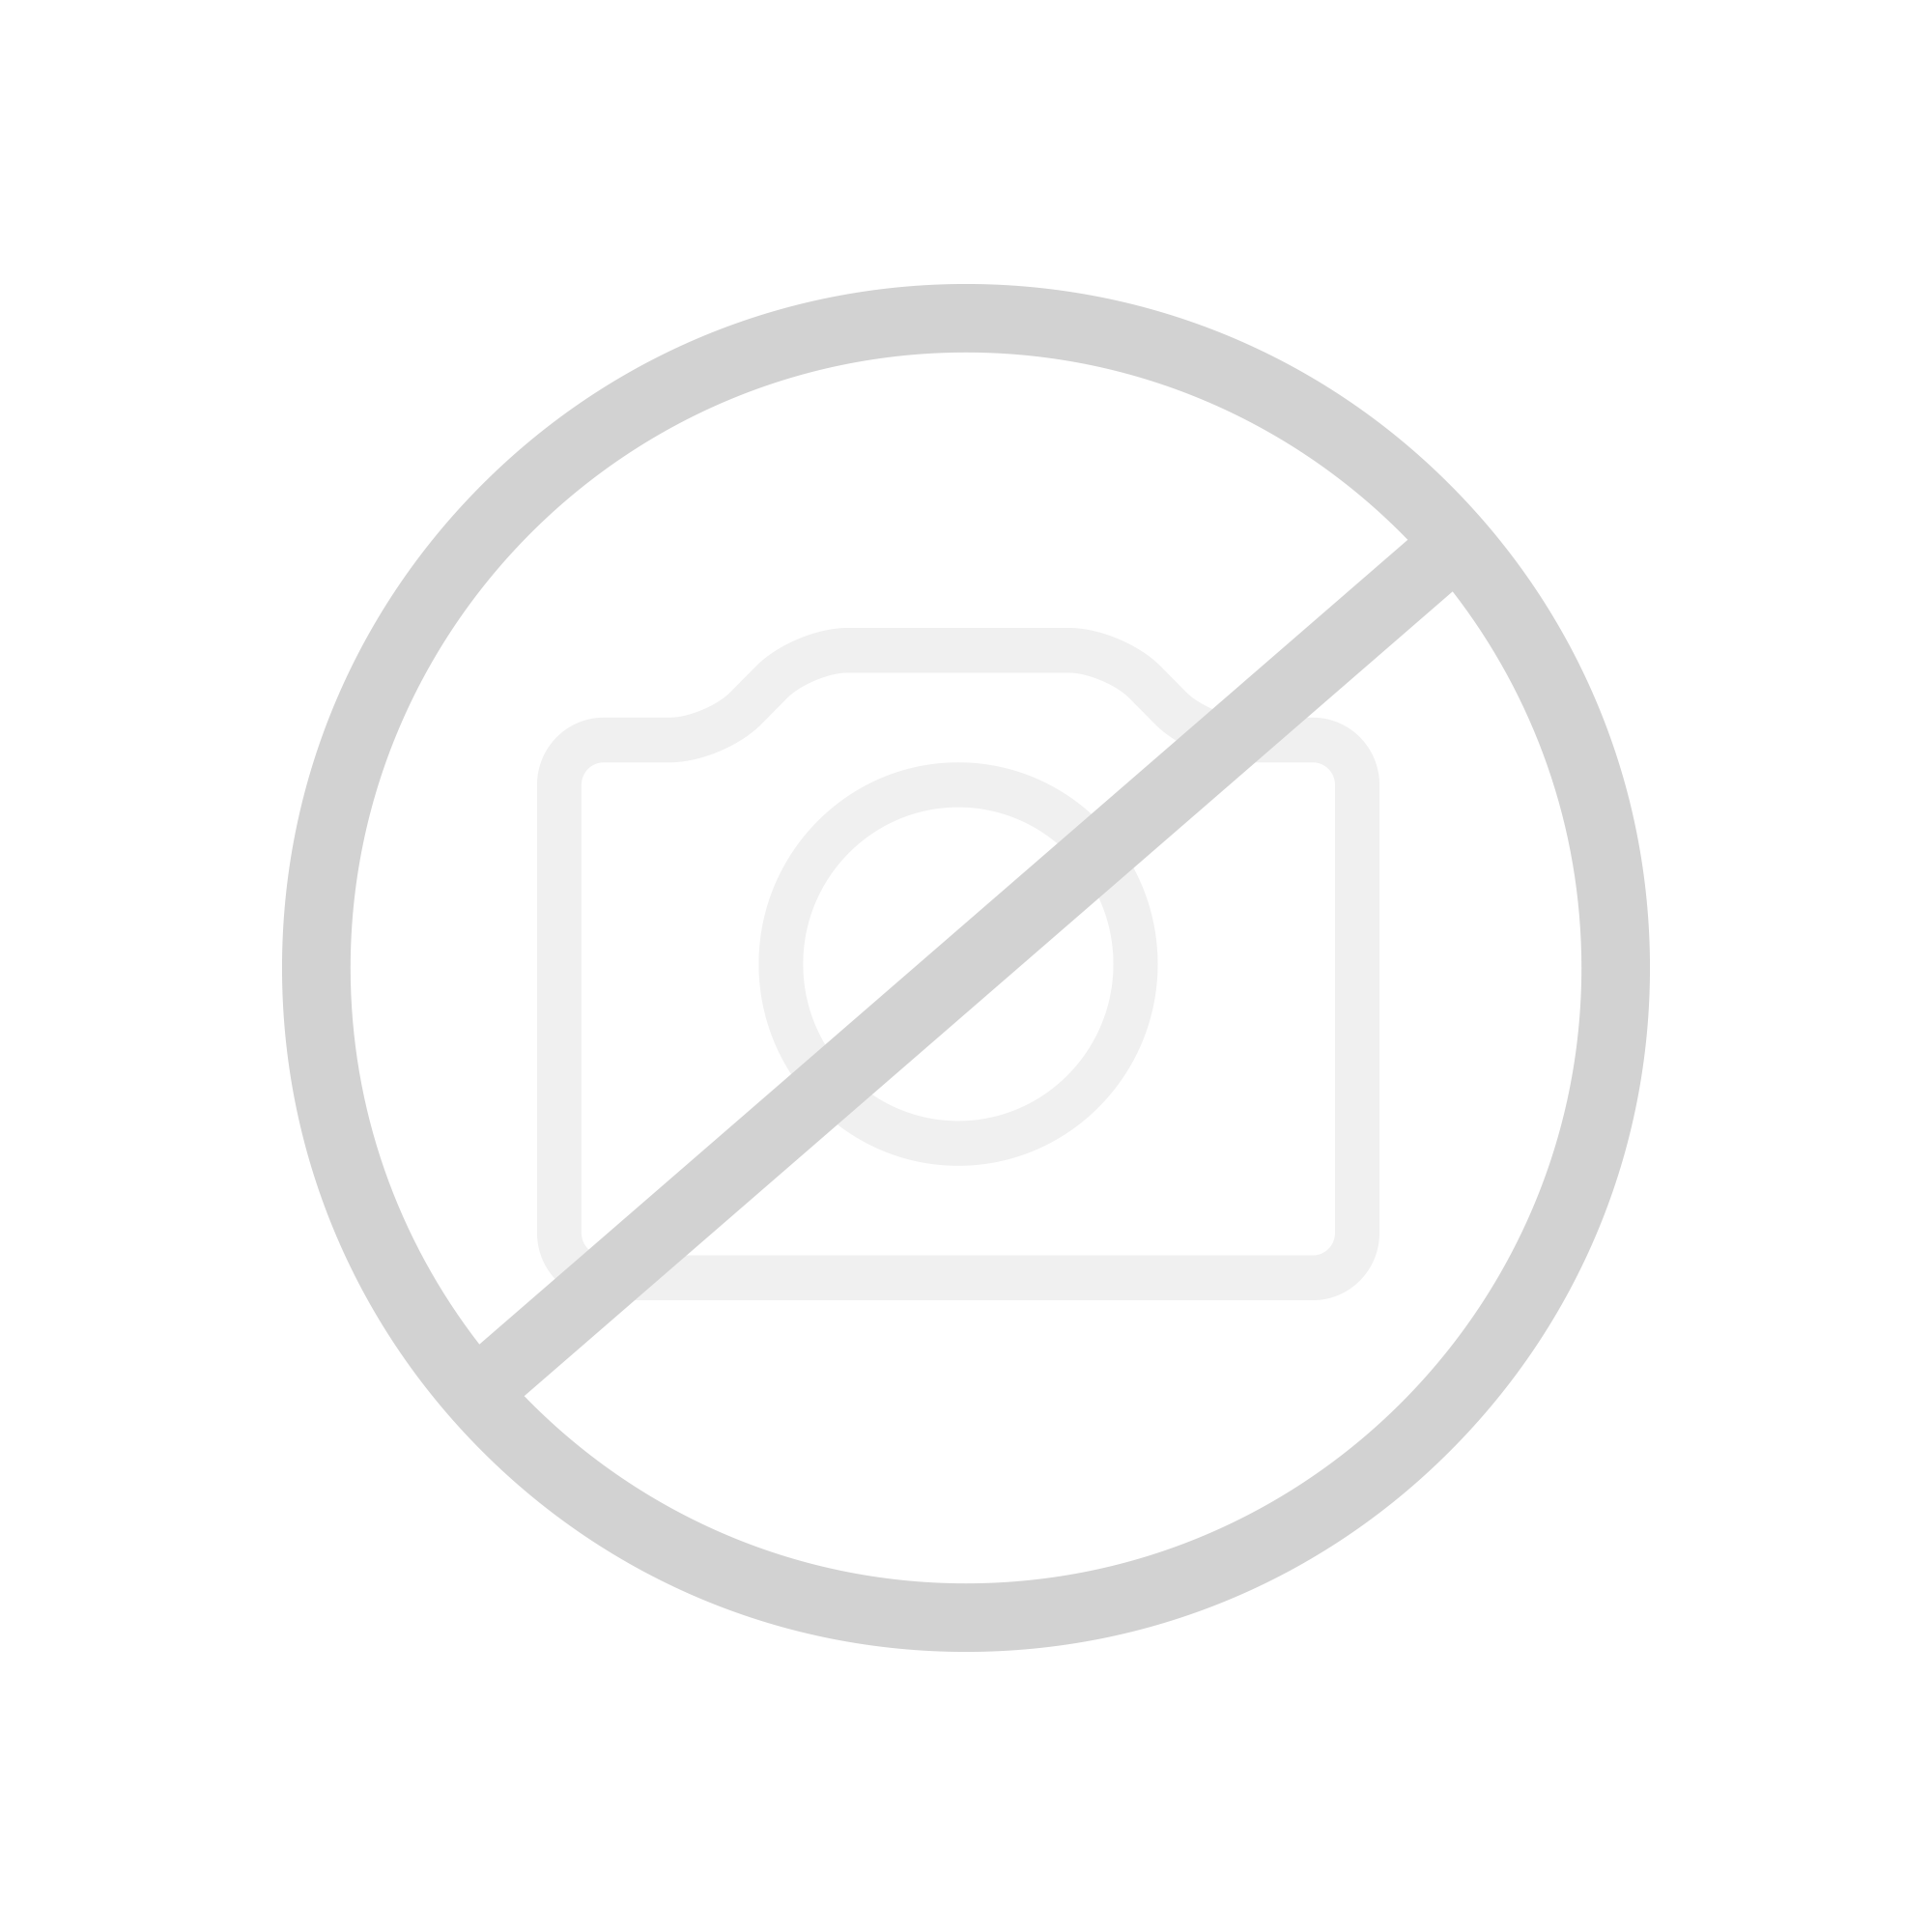 victoria + albert badewannen kaufen bei reuter, Hause ideen